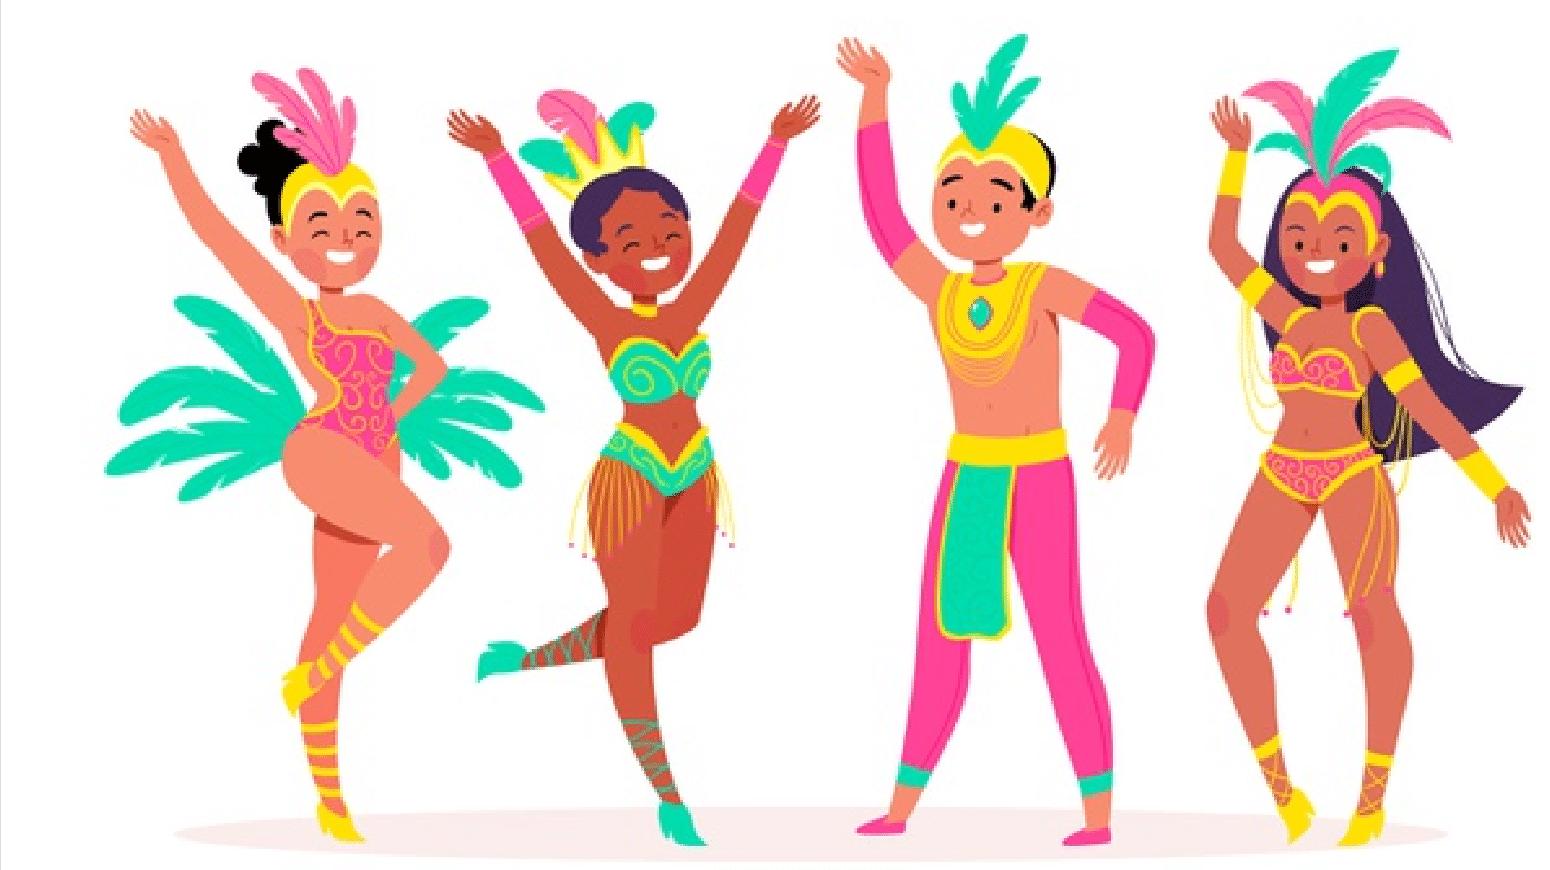 Dicas de carnaval 2020: tudo o que você precisa saber para curtir a folia